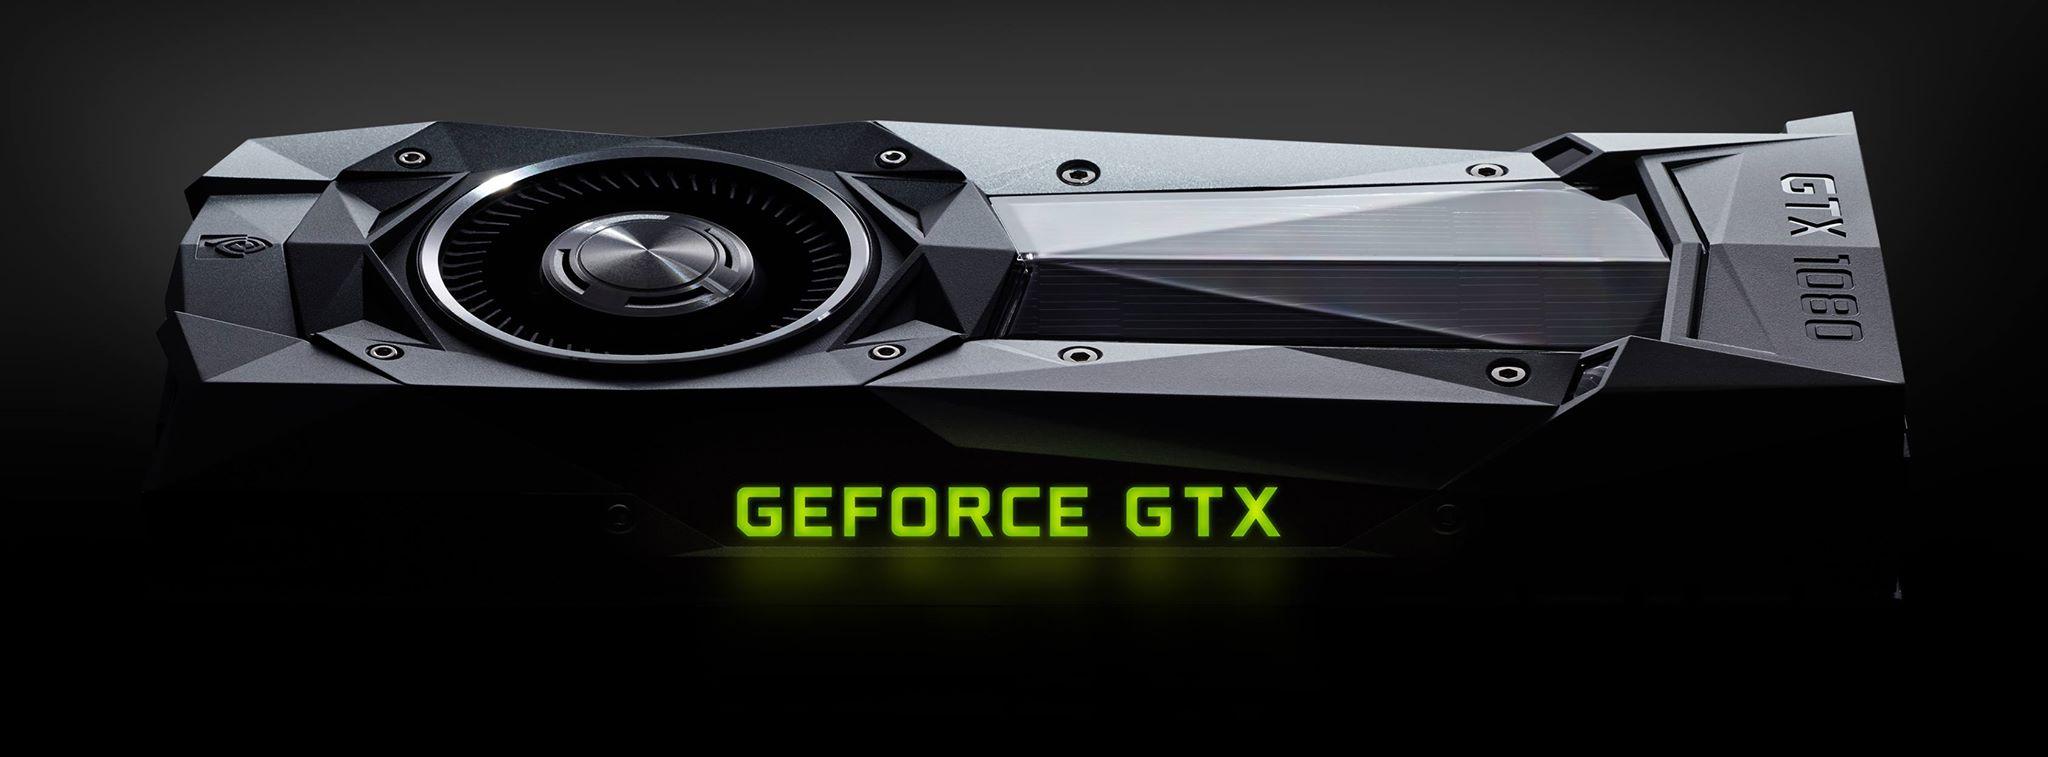 NVIDIA GeForce GTX 1080 — 2X faster than Titan X 21